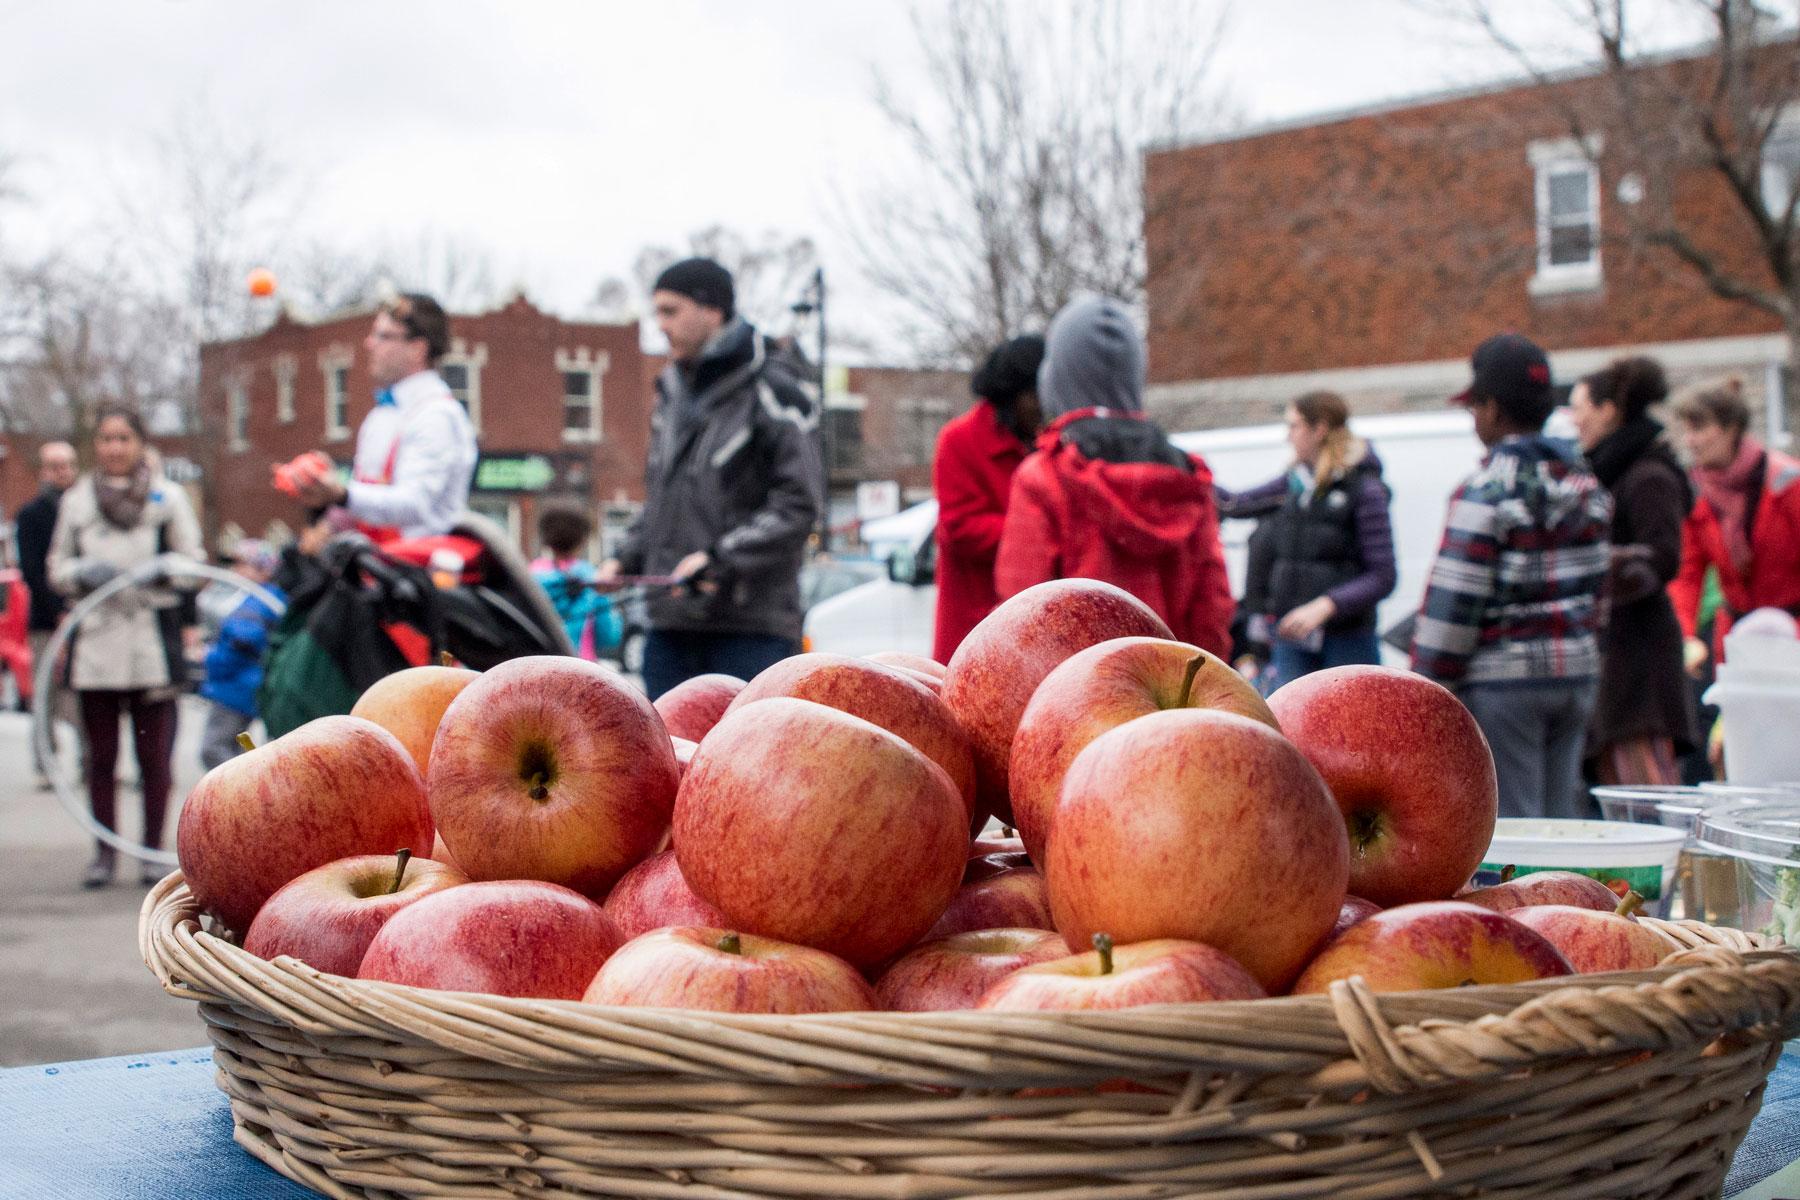 Des pommes pour le Jour de la Terre. Une belle fête de quartier organisée par Ville en Vert dans le Sault-au-Récollet.